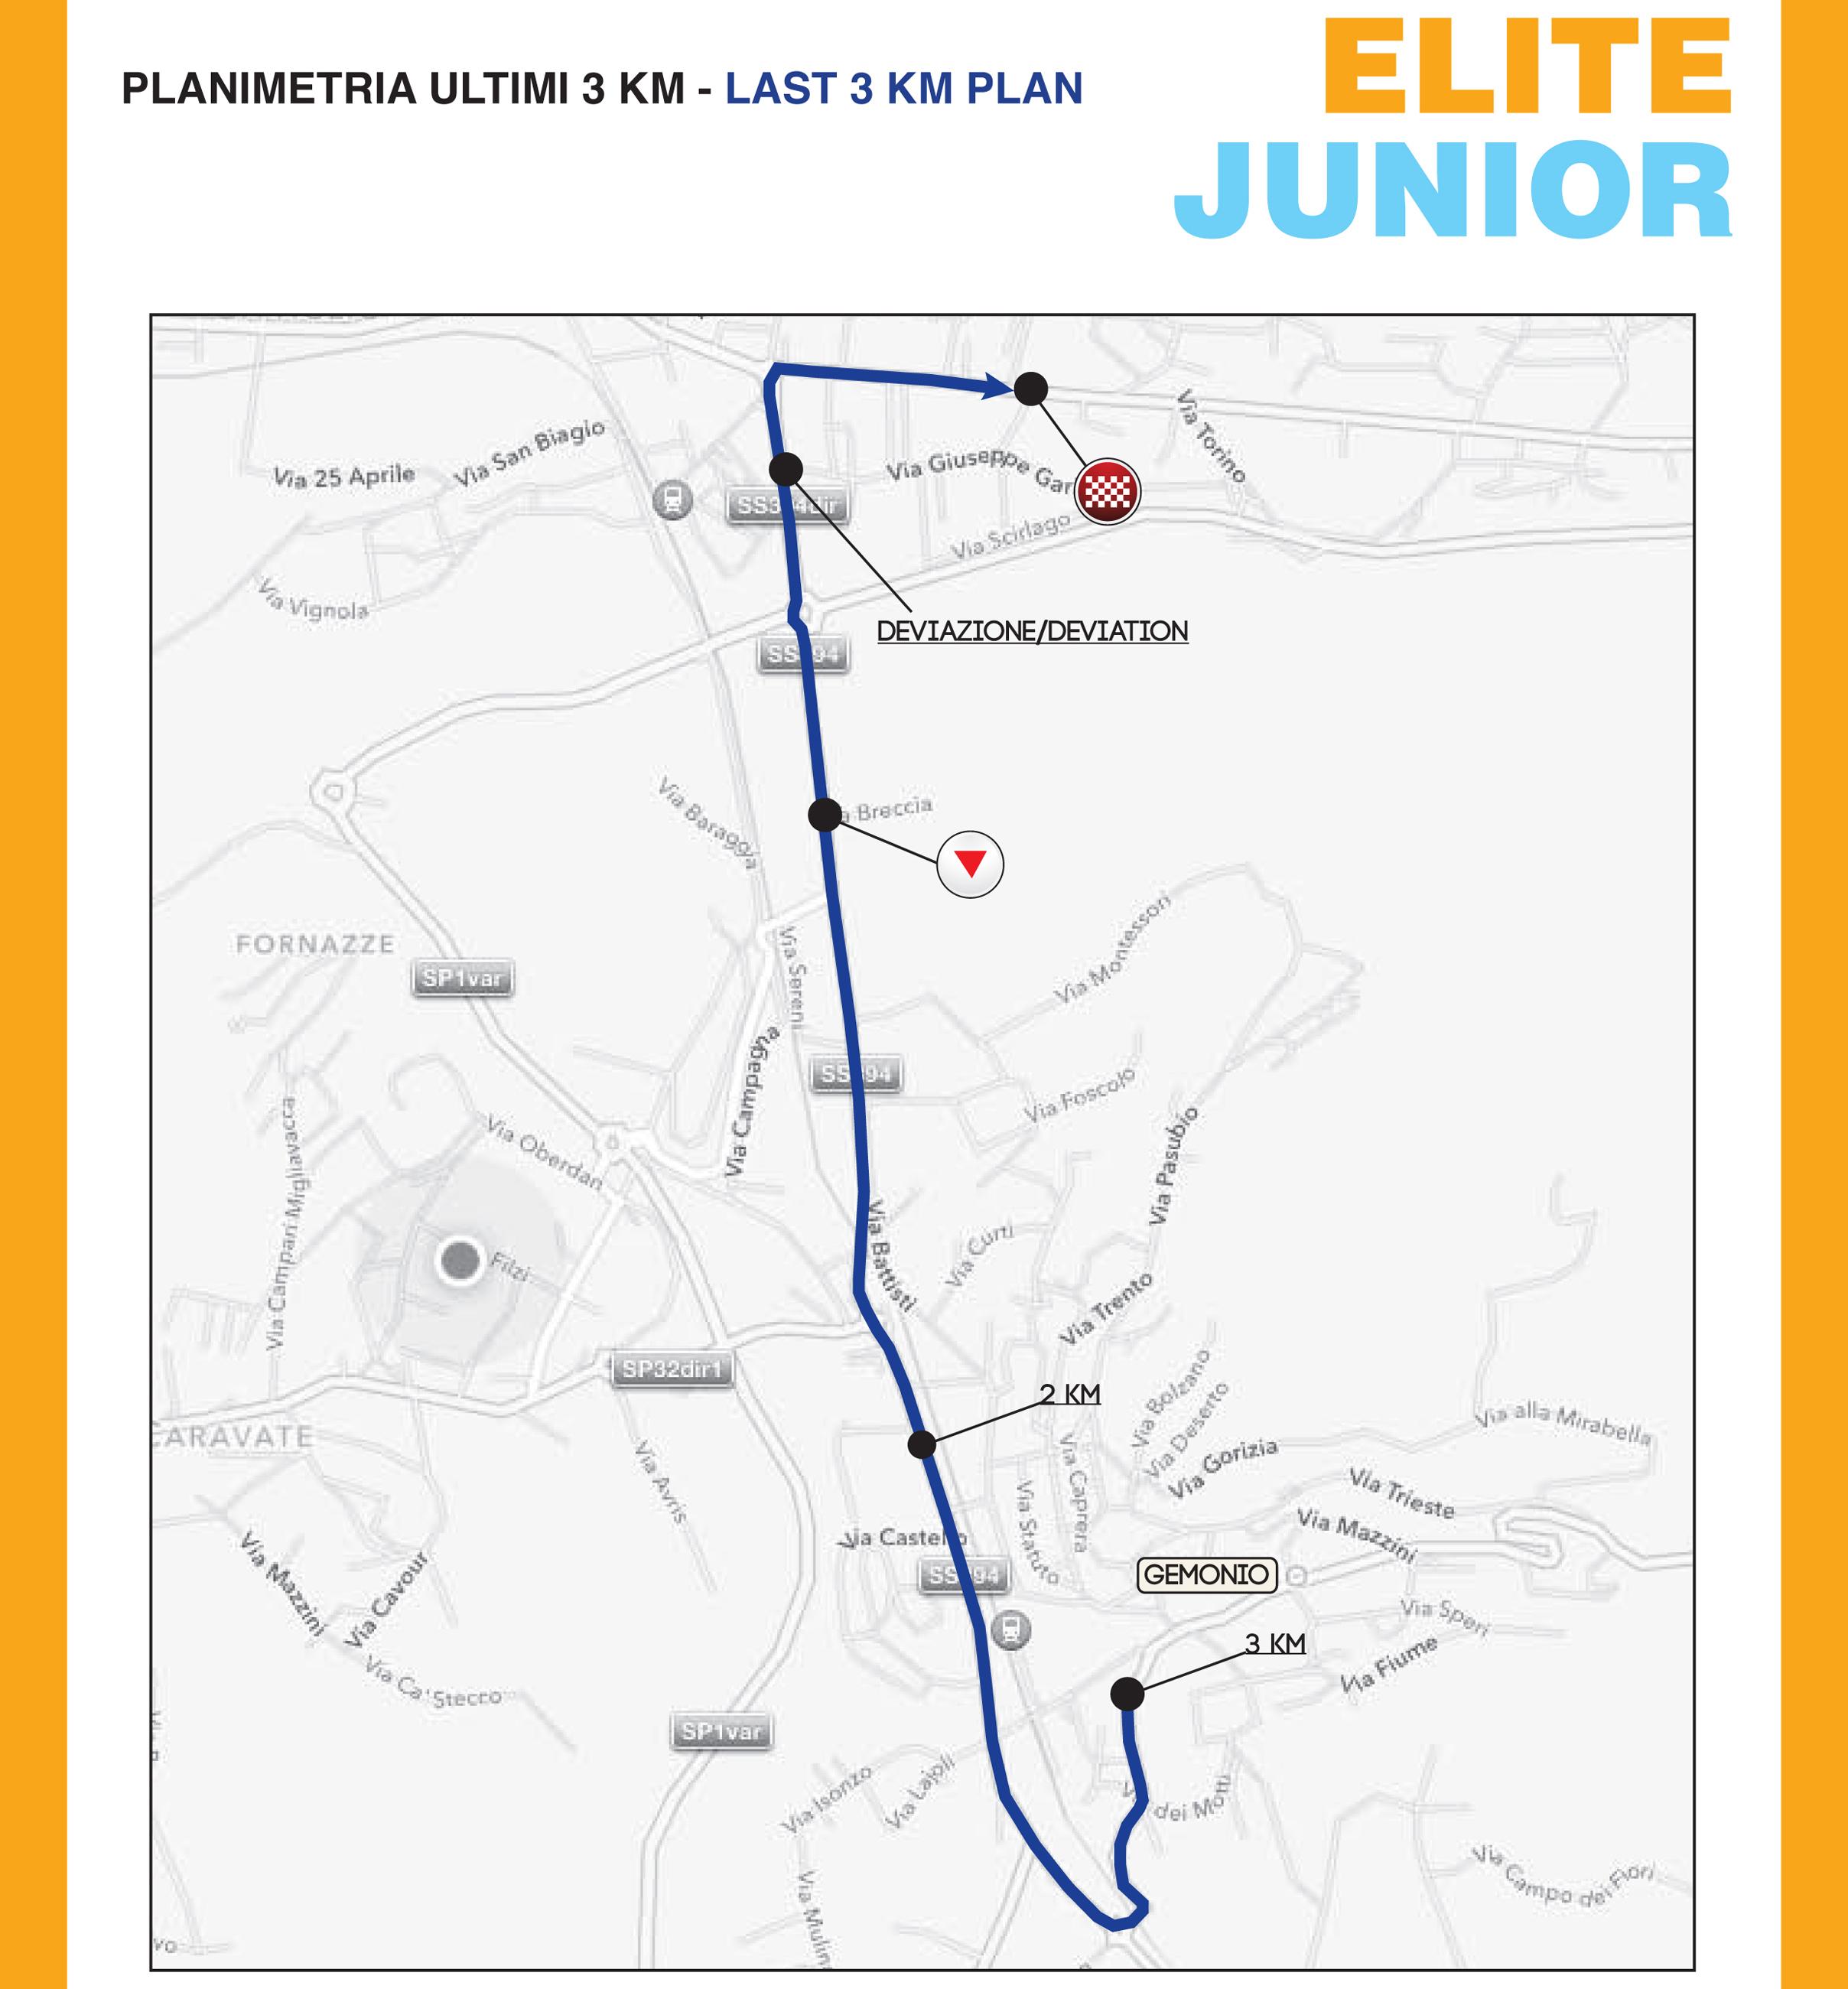 planimetria-3-km-elite-e-junior